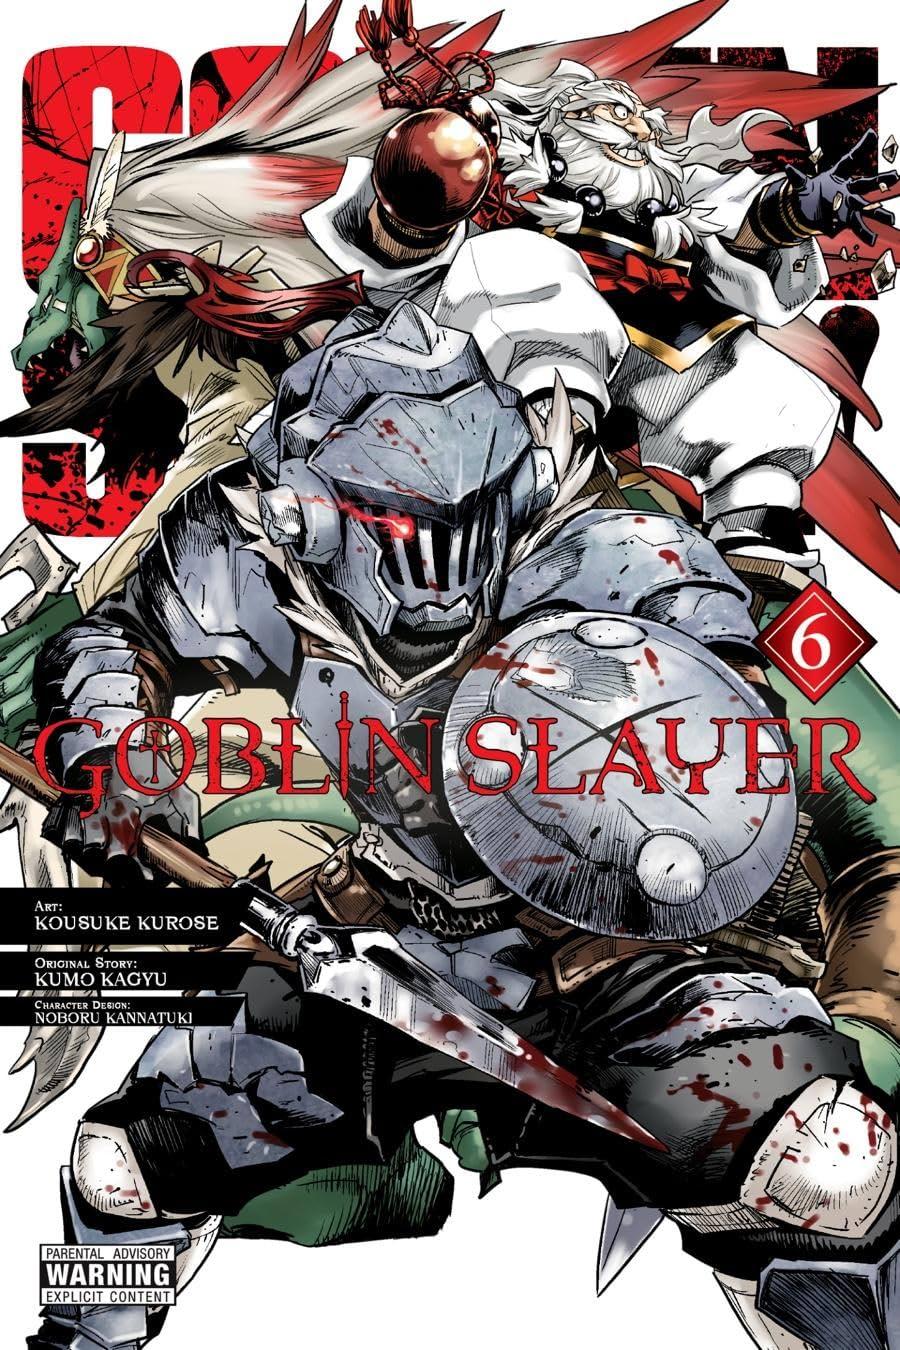 Goblin Slayer Vol. 6